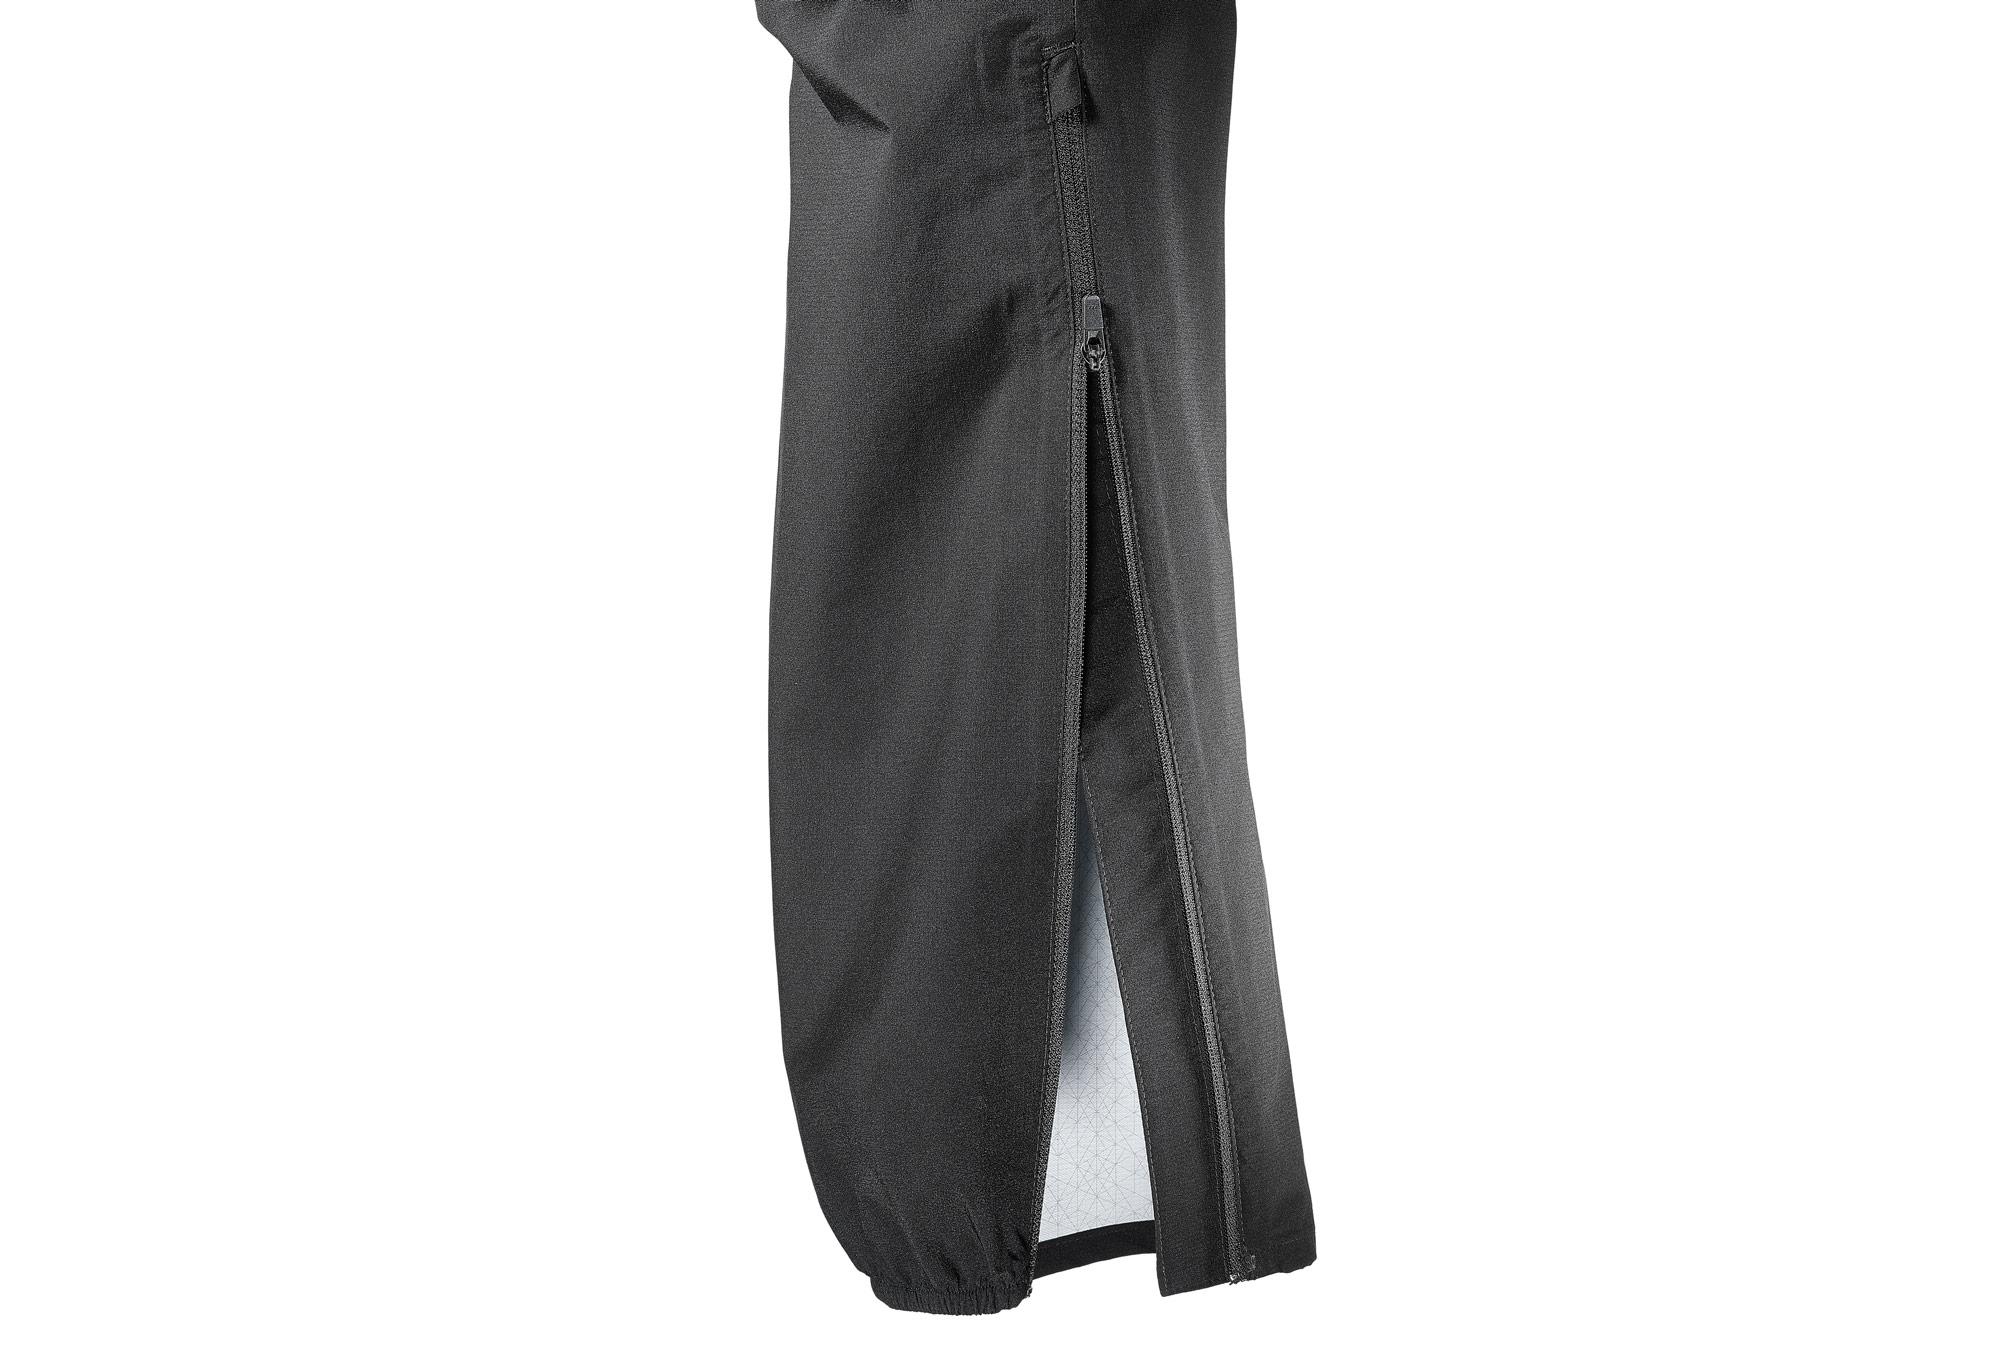 verfügbar beispiellos helle n Farbe Salomon Bonatti WP Pant Black